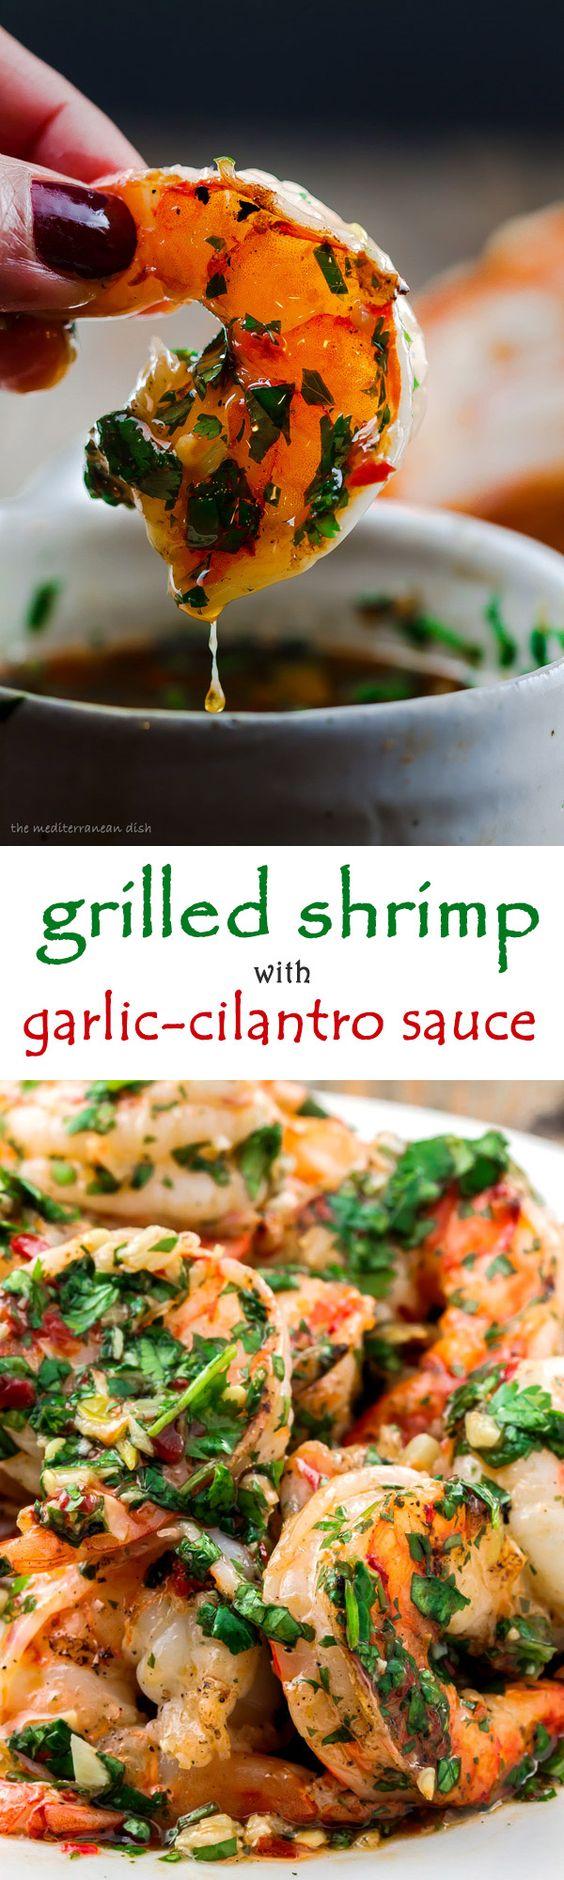 ... shrimp meals pv dinners meal prep shrimp nummy dinners grilling shrimp